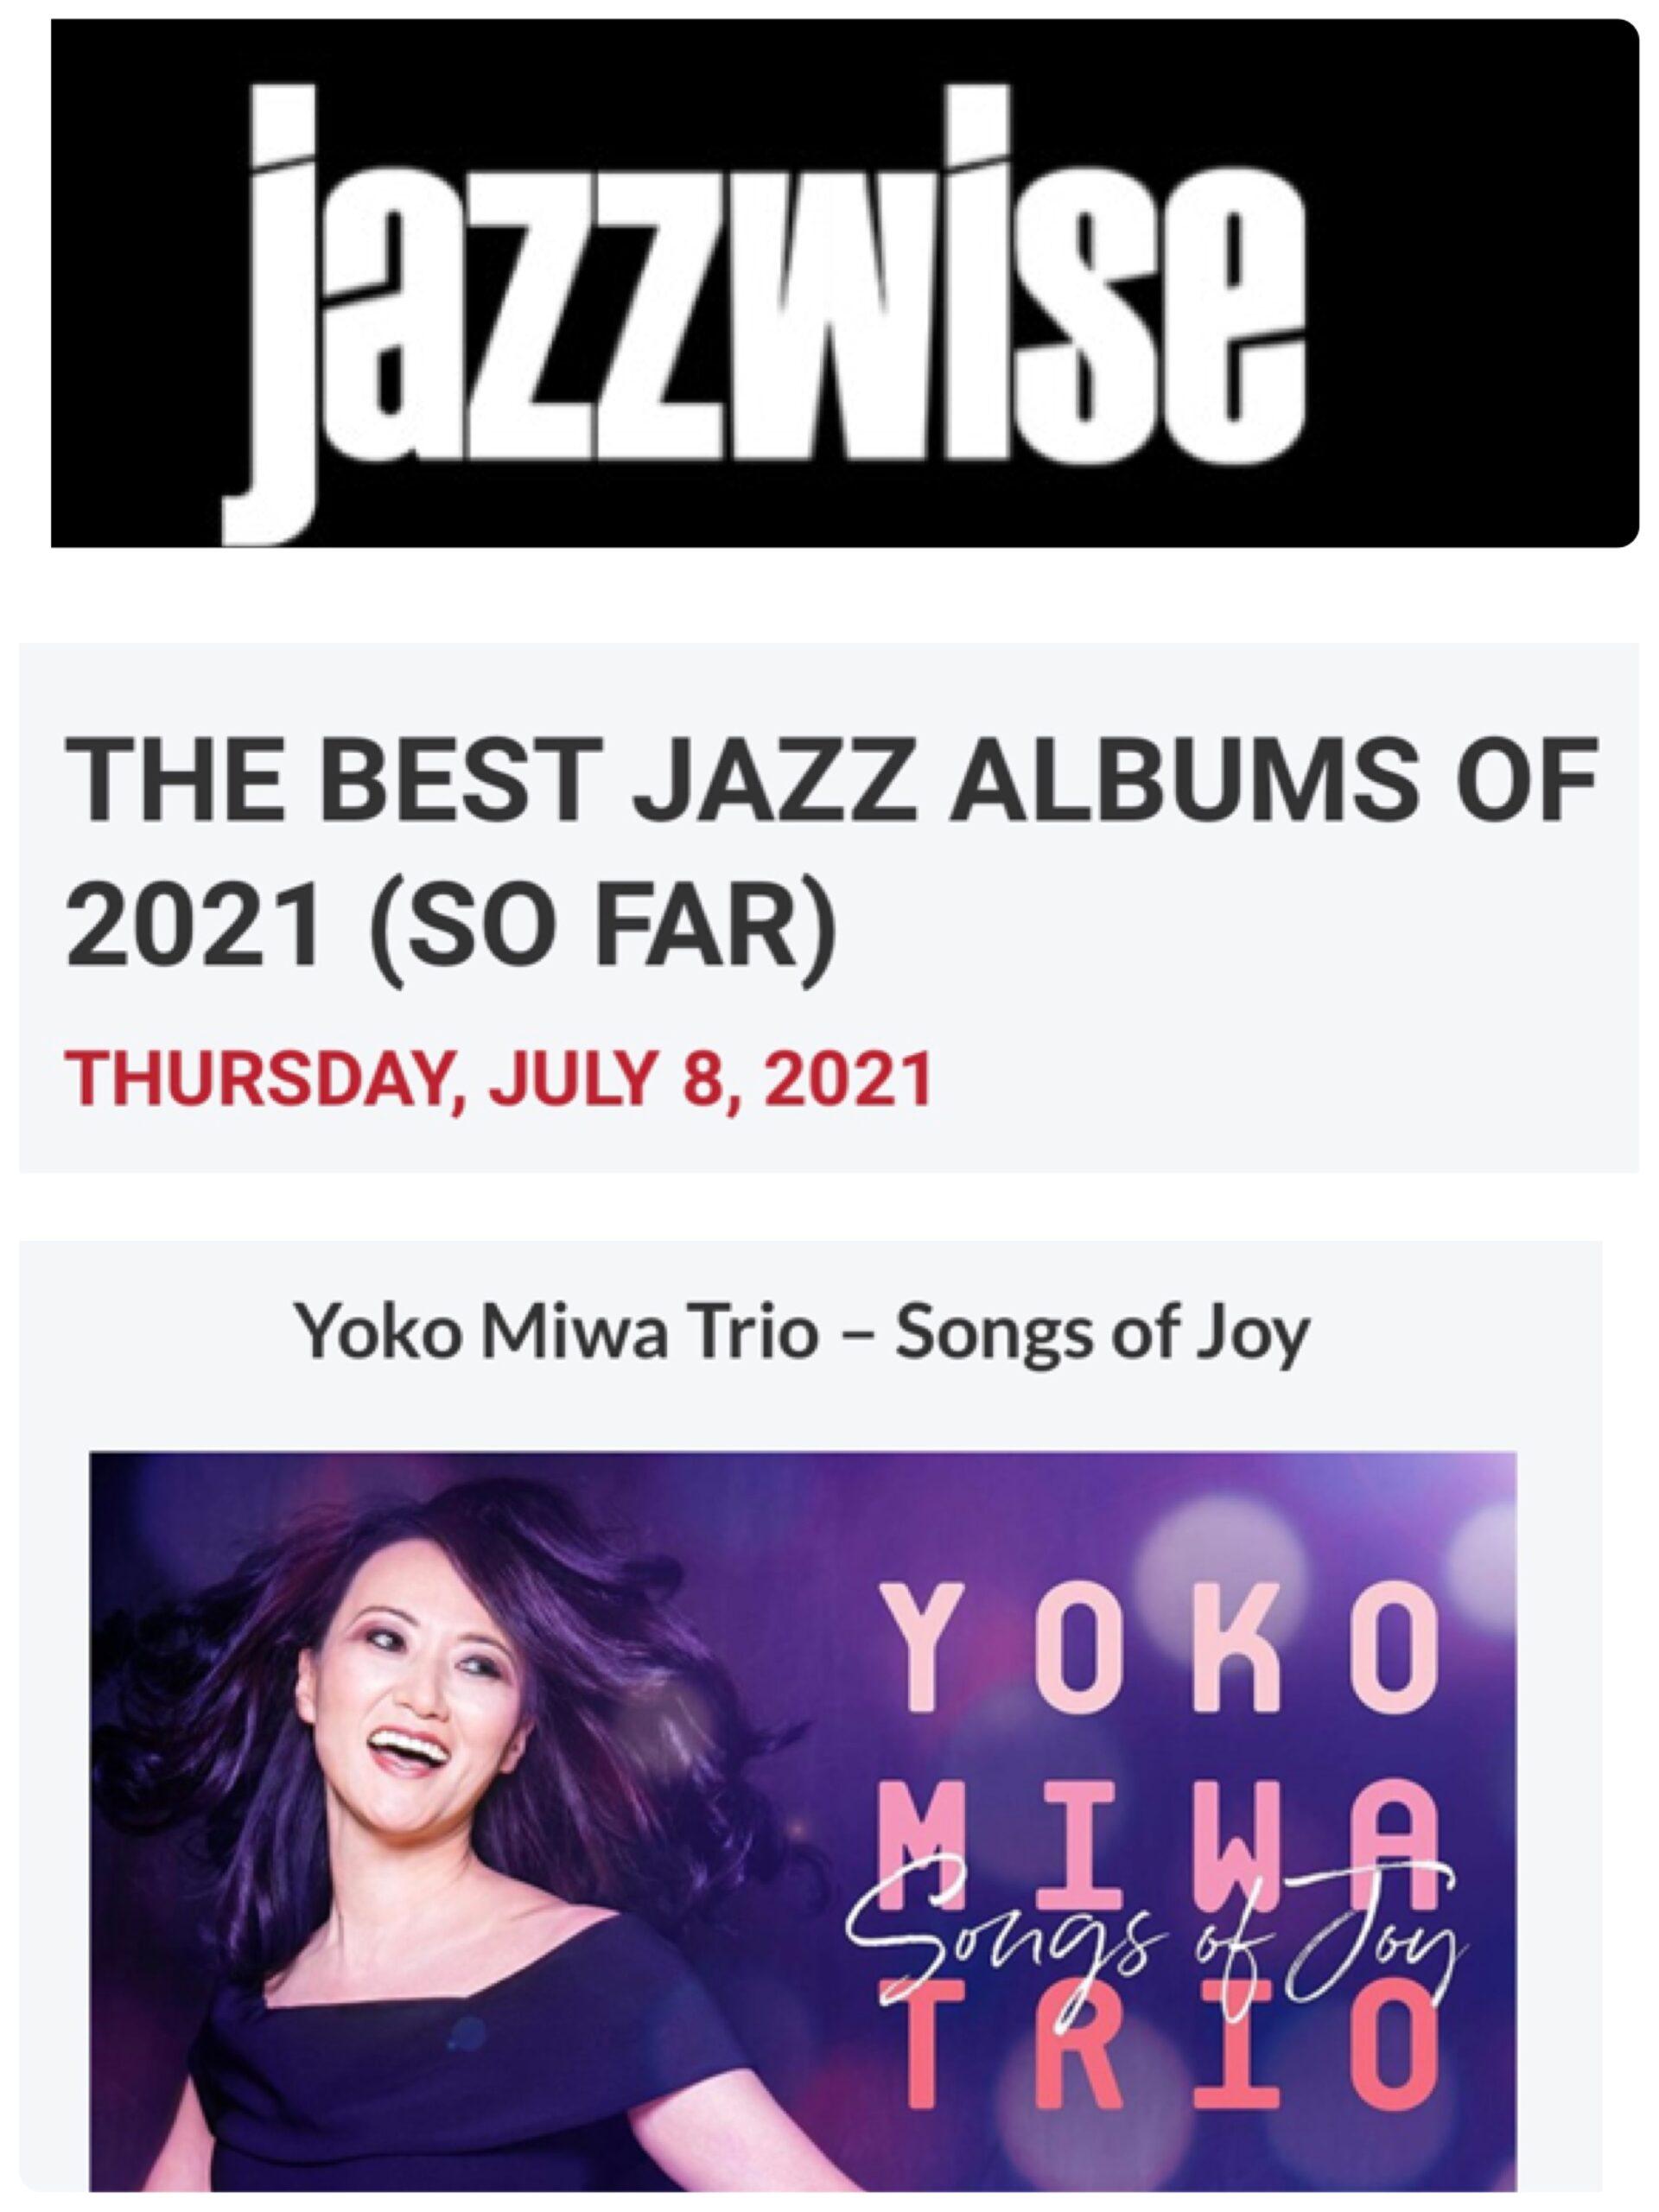 Jazzwise - Best of 2021 so far - Songs of Joy - Yoko Miwa Trio